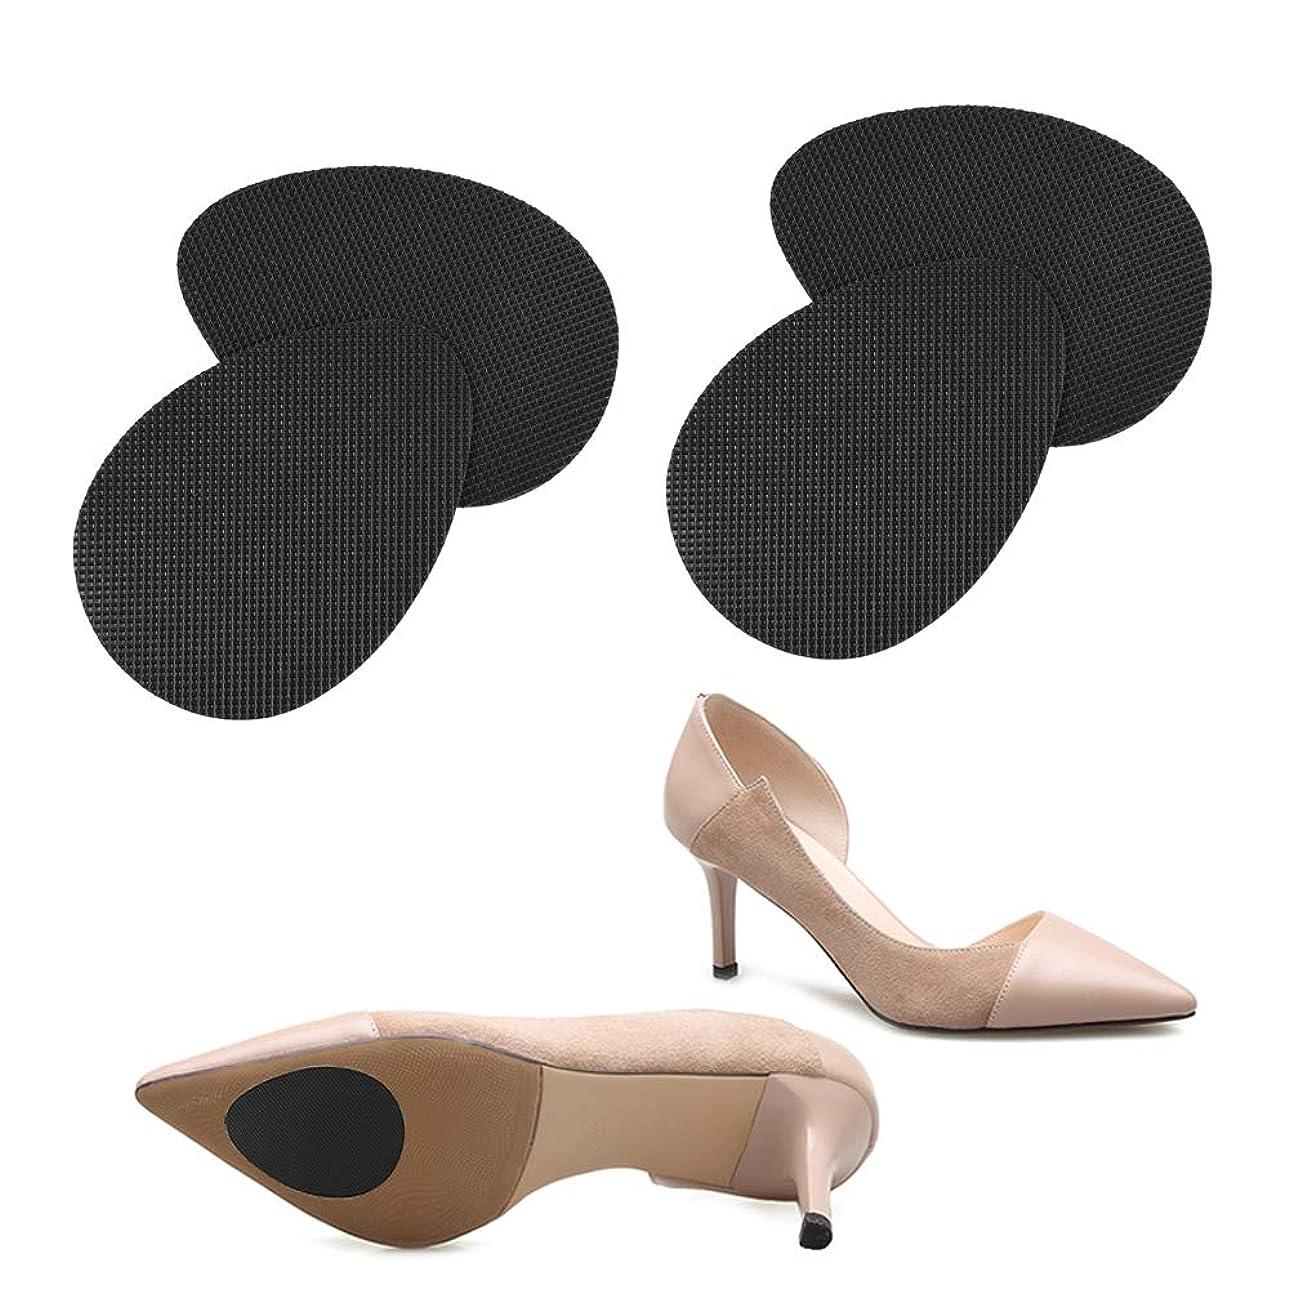 珍味成分聖書靴 滑り止め ステッカー,LINECY 【スリップガード】靴保護 シート つま先&かかと 靴底補修 滑り止め (2足4枚いり)